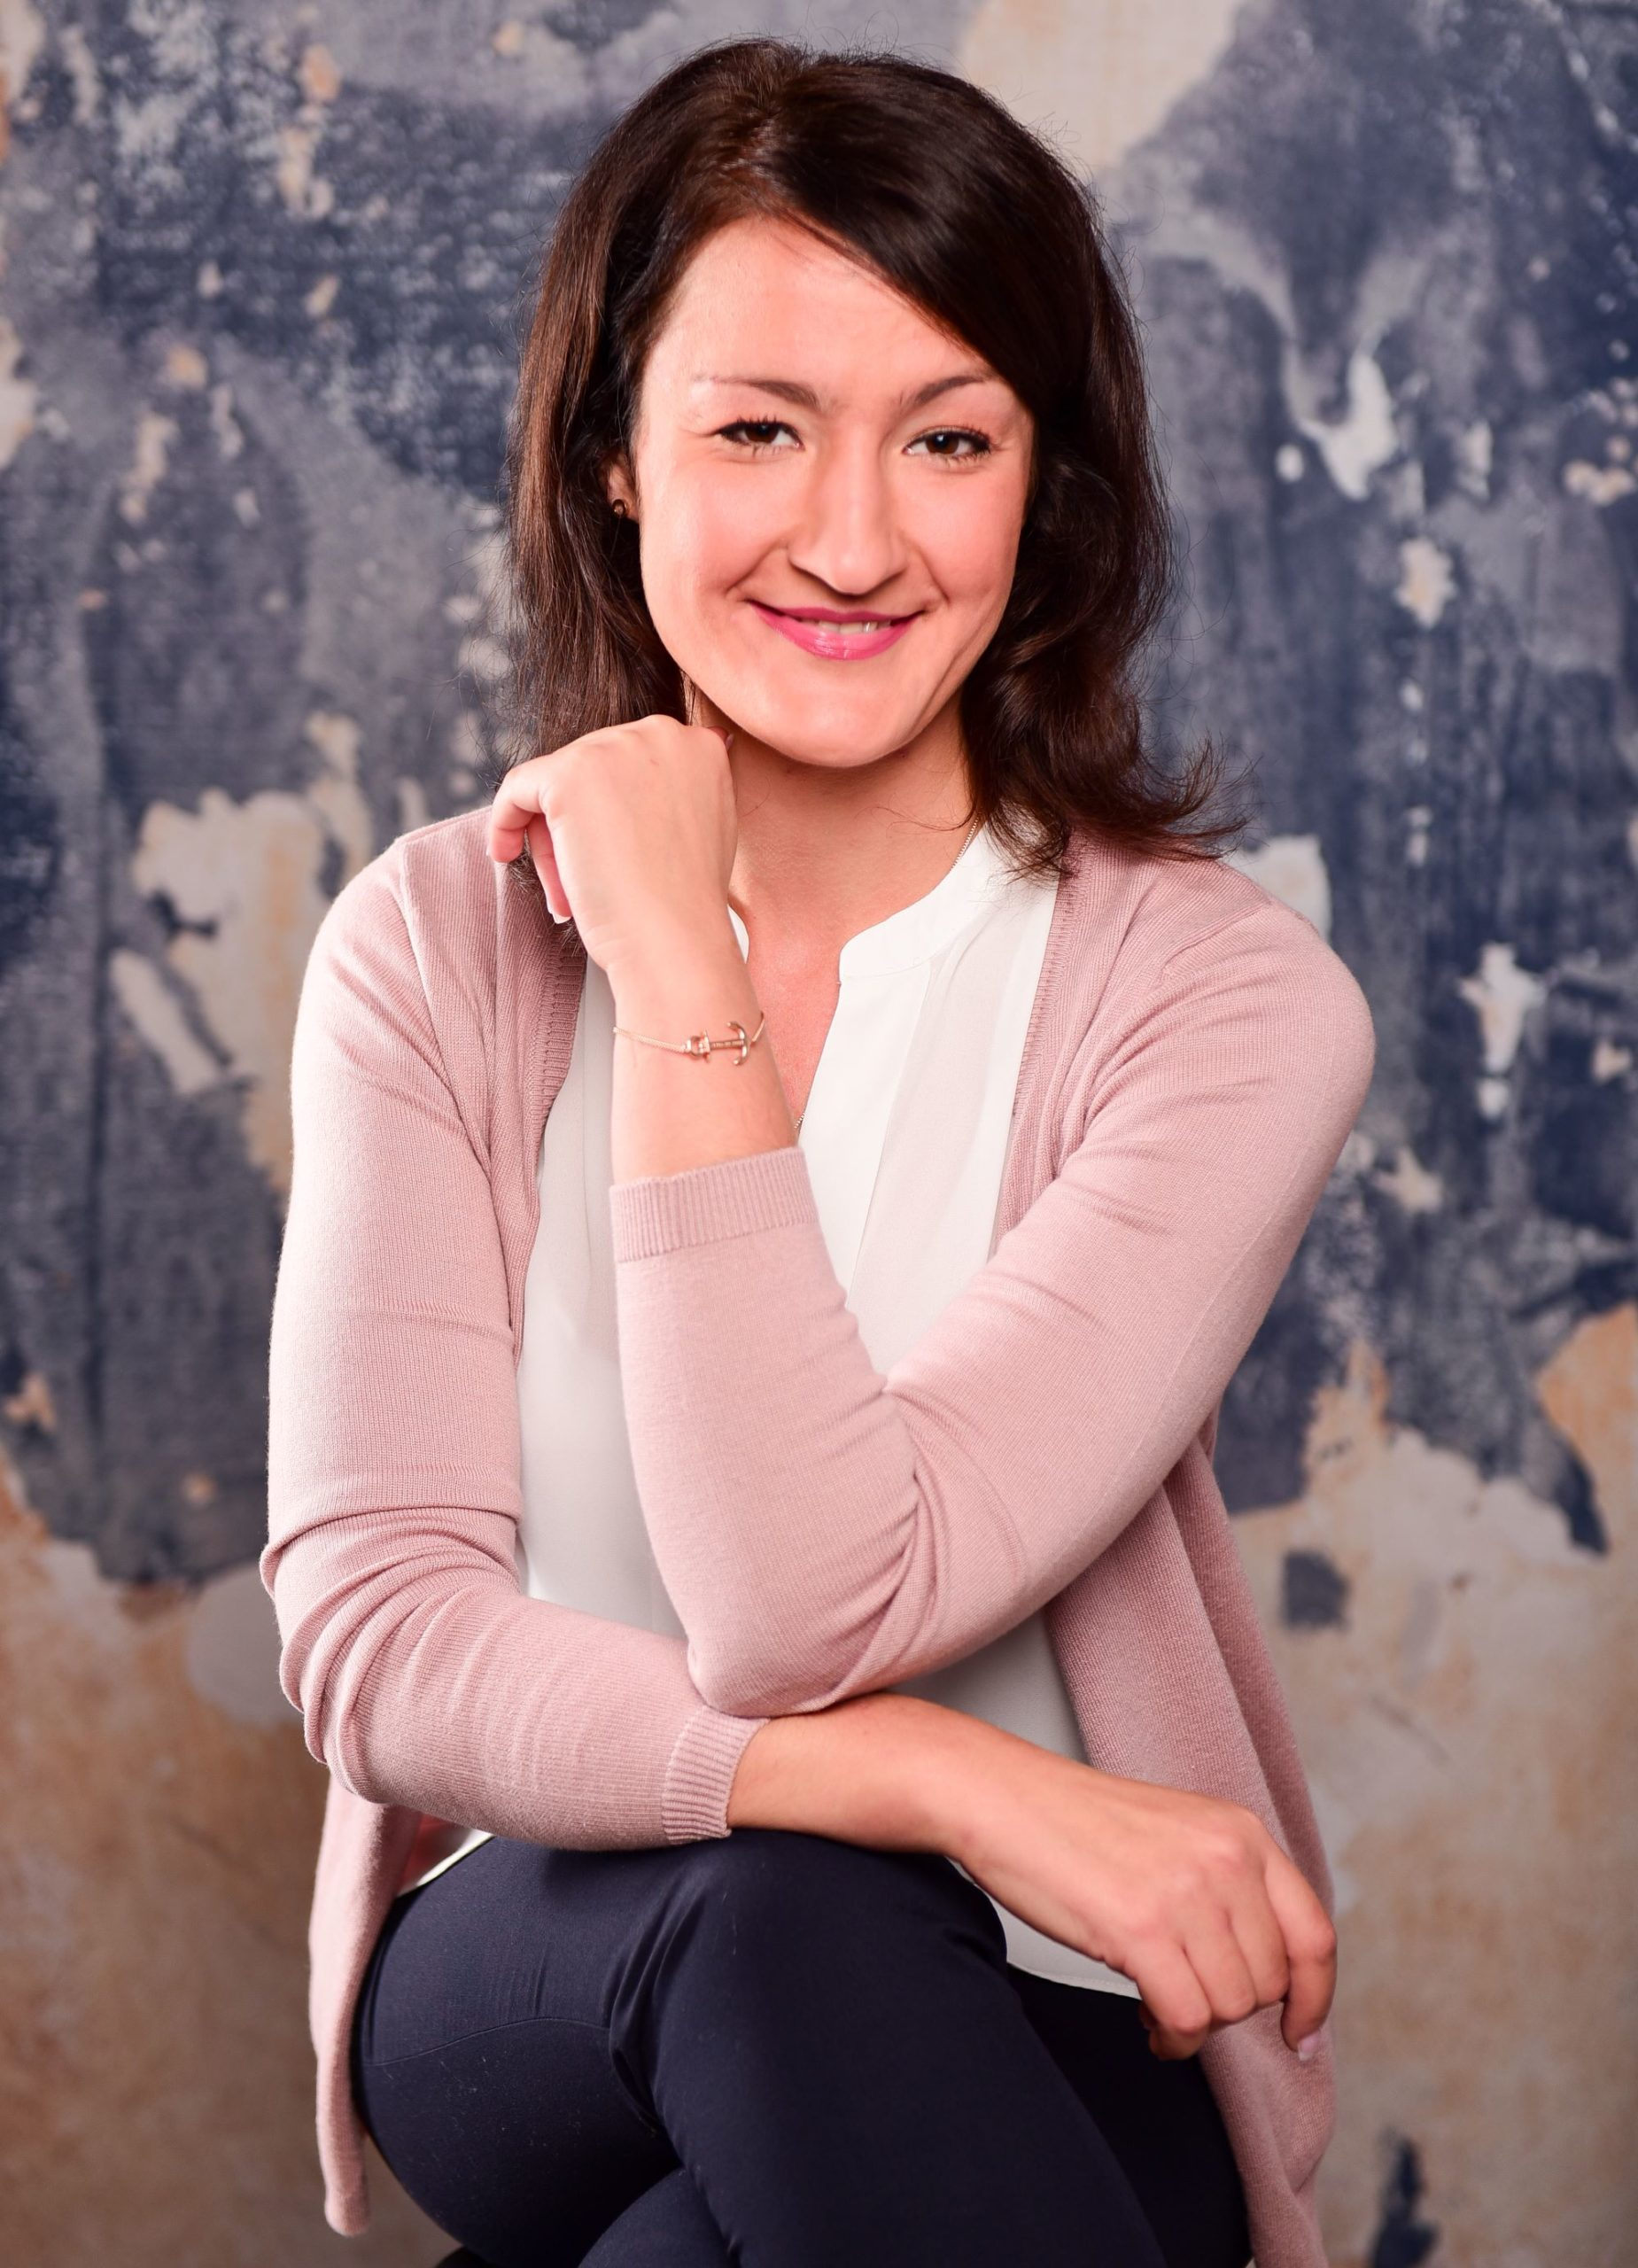 Milena Czogalla vom Online Soulbusiness Support sitzt auf einem Stuhl.